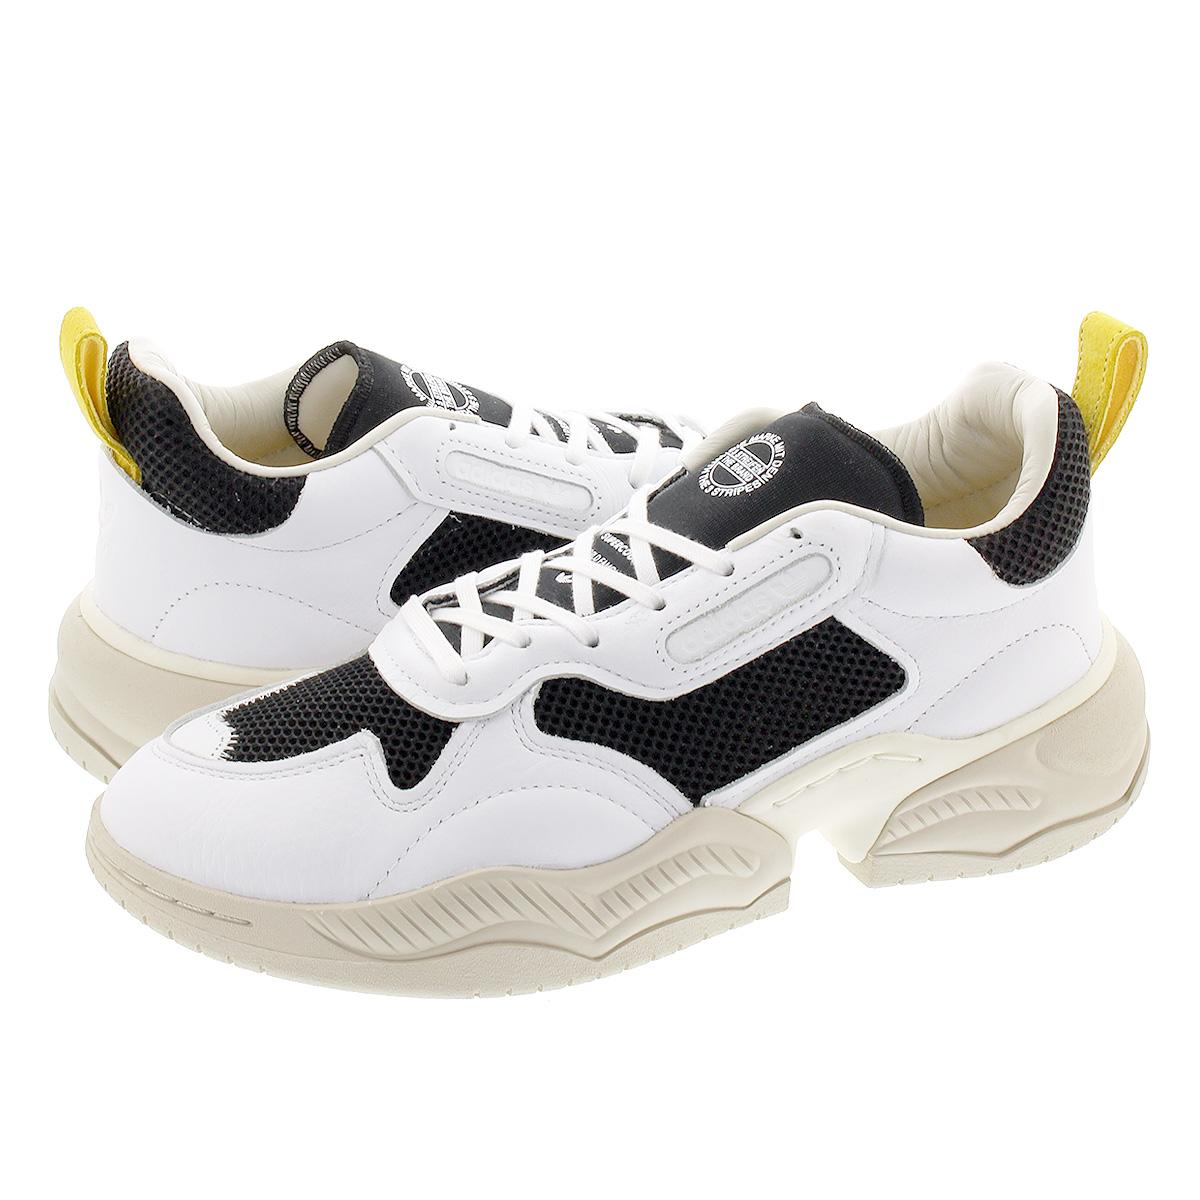 【お買い物マラソンSALE】 adidas SUPERCOURT RX アディダス スーパーコート RX FTWR WHITE/CORE BLACK/SPRING YELLOW eg6867